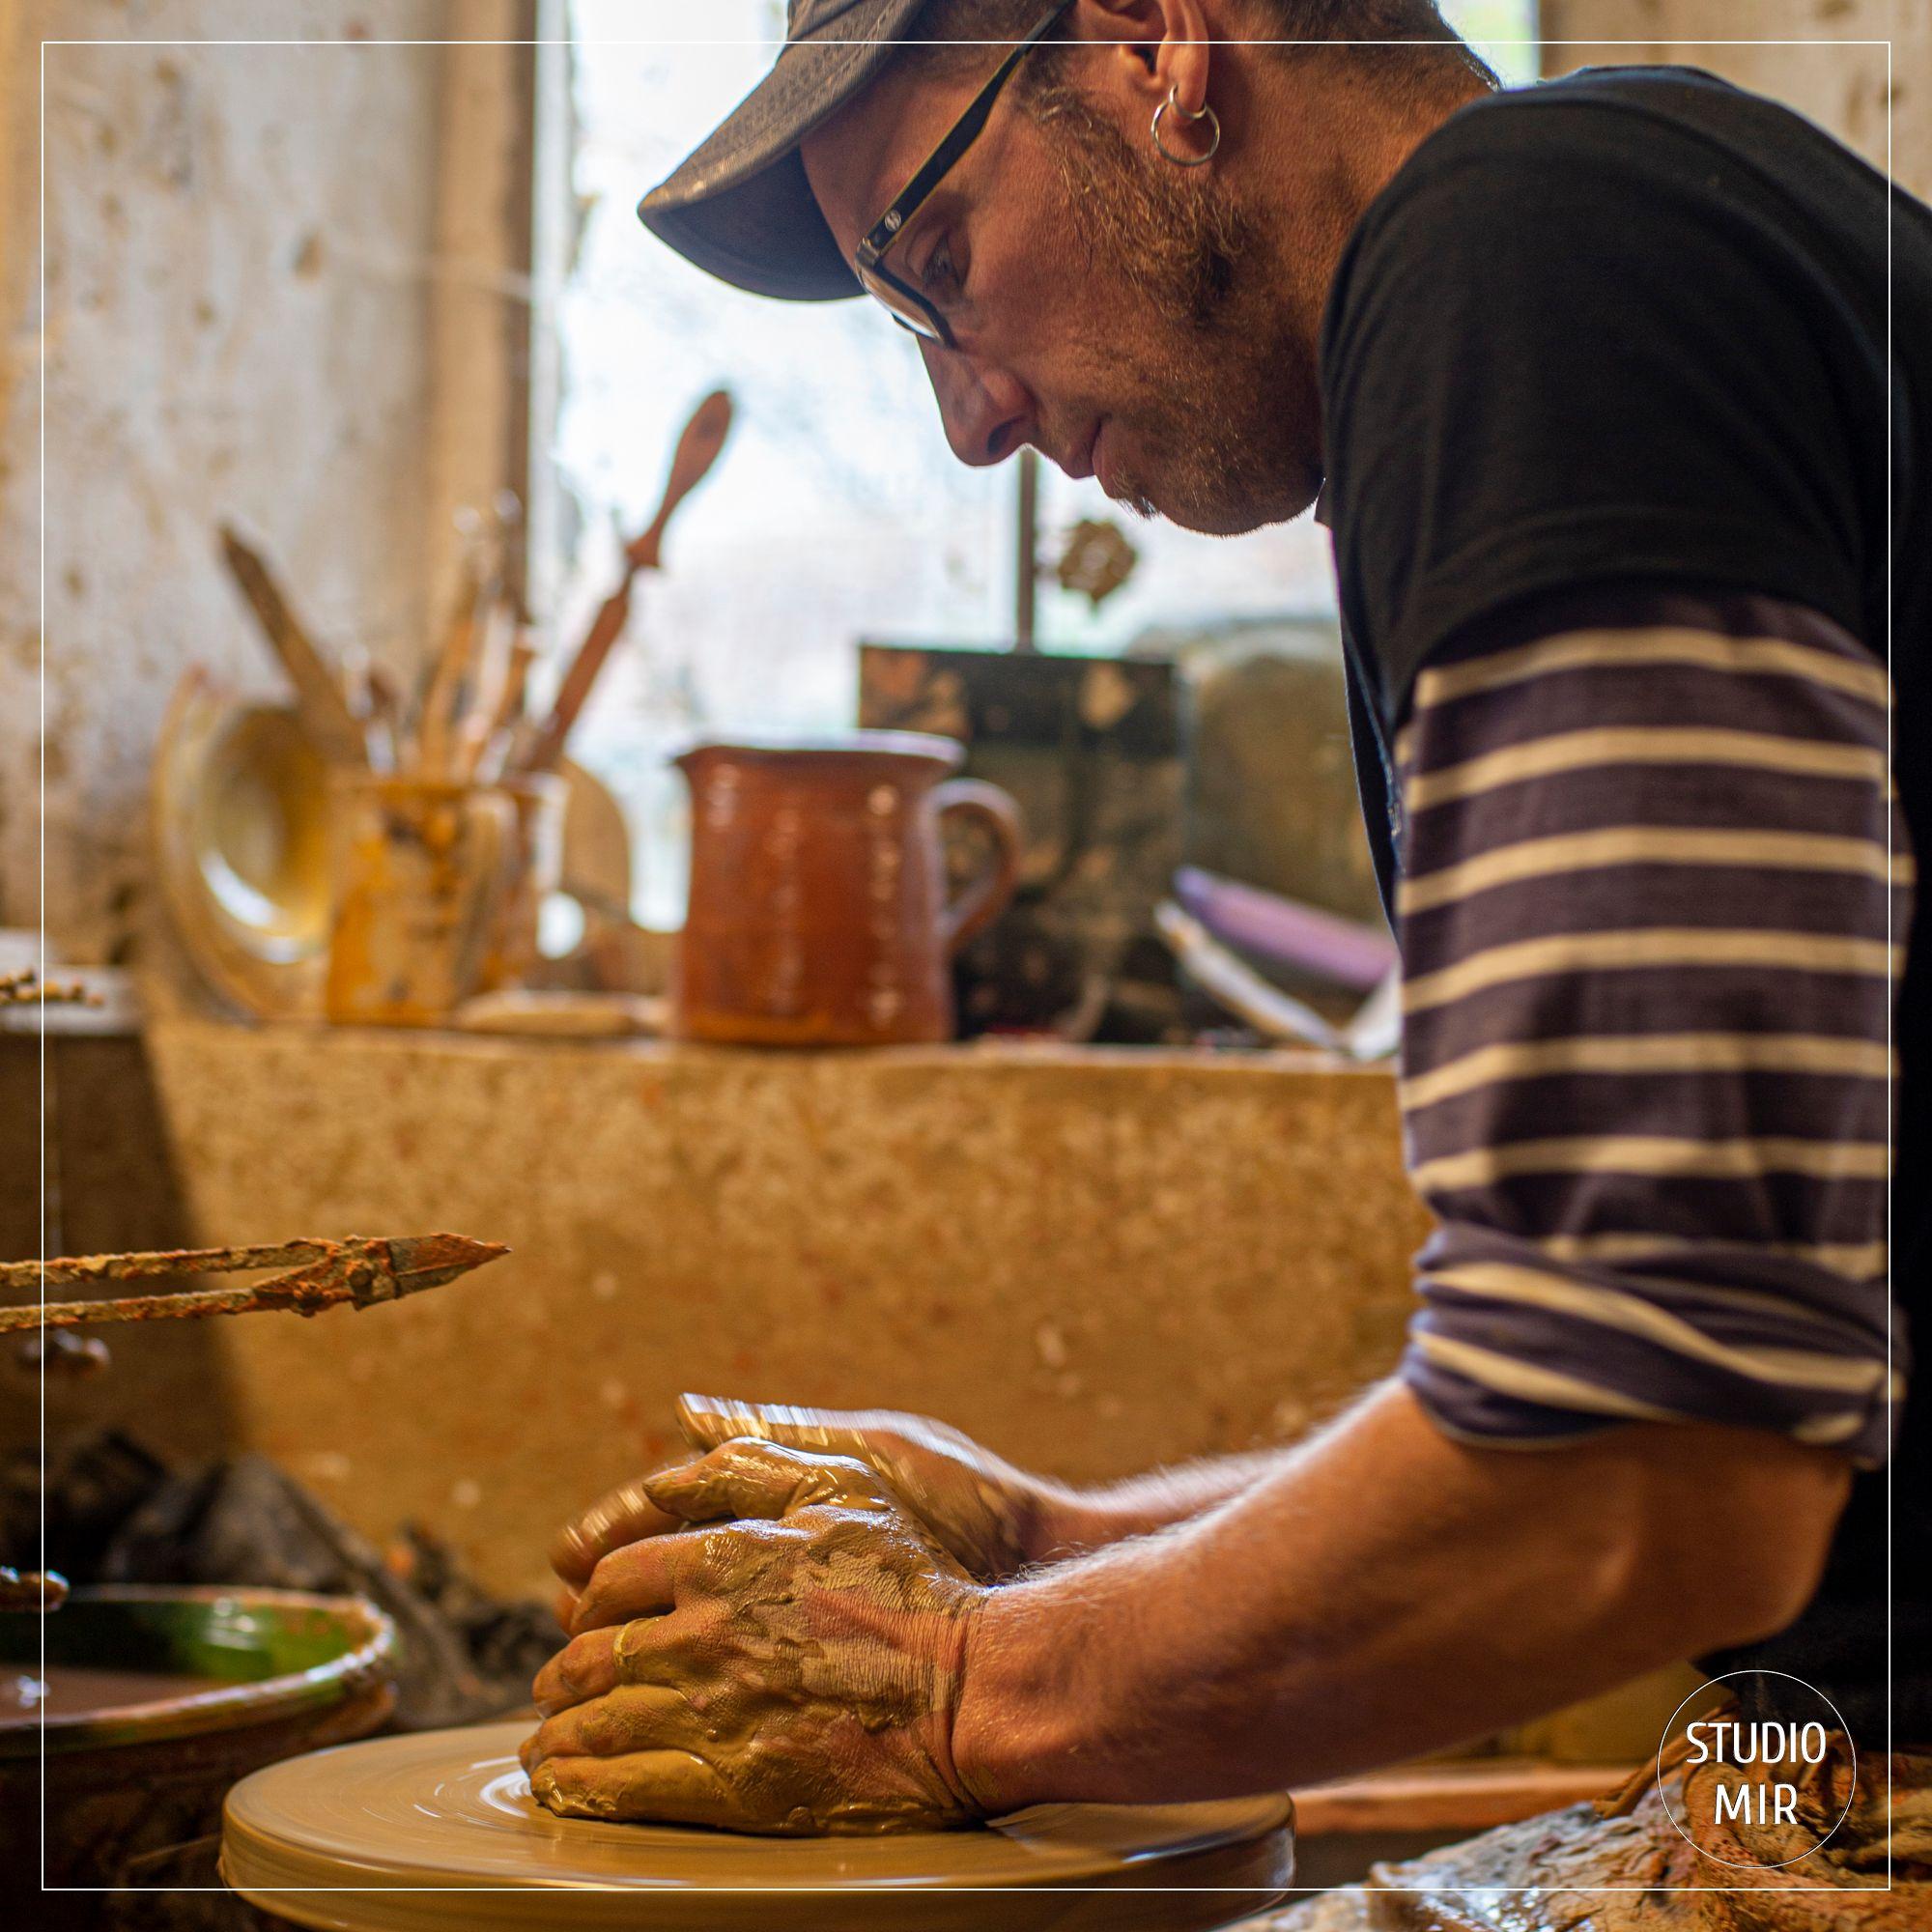 Reportage photo pour mettre en valeur le savoir-faire de l'atelier de poterie de Cliousclat dans la Drôme